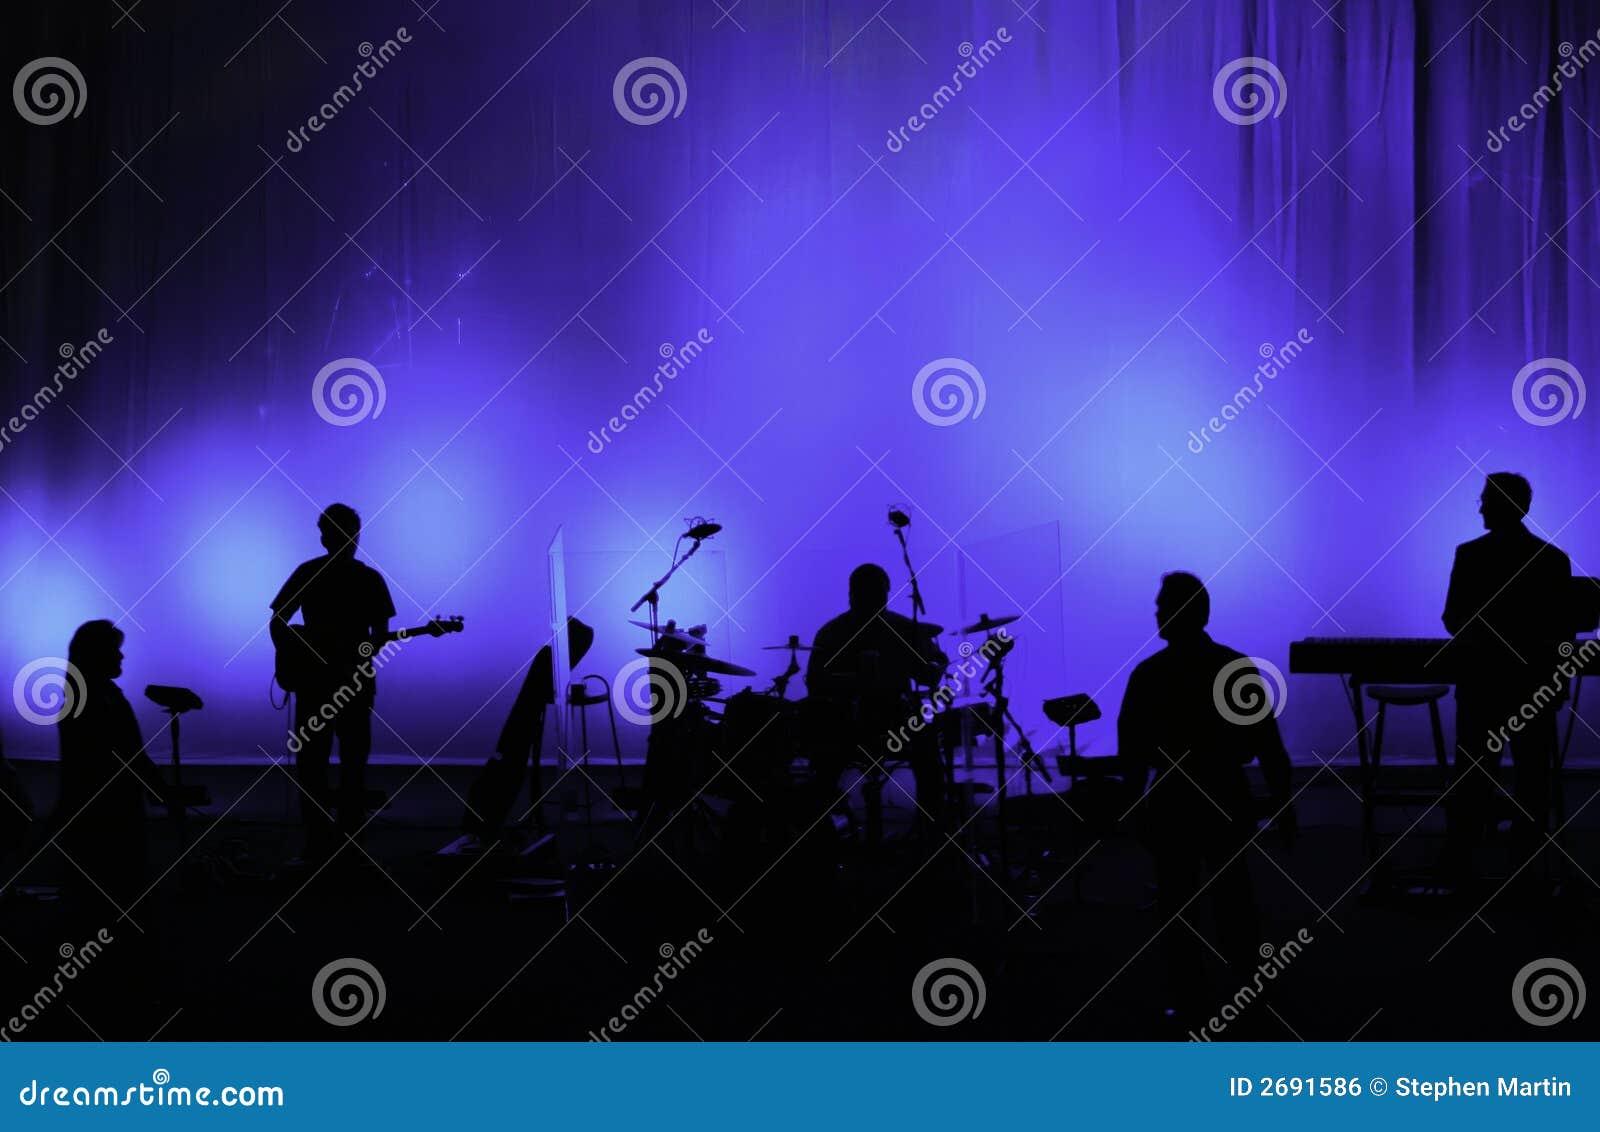 Concert Stage Backdrop